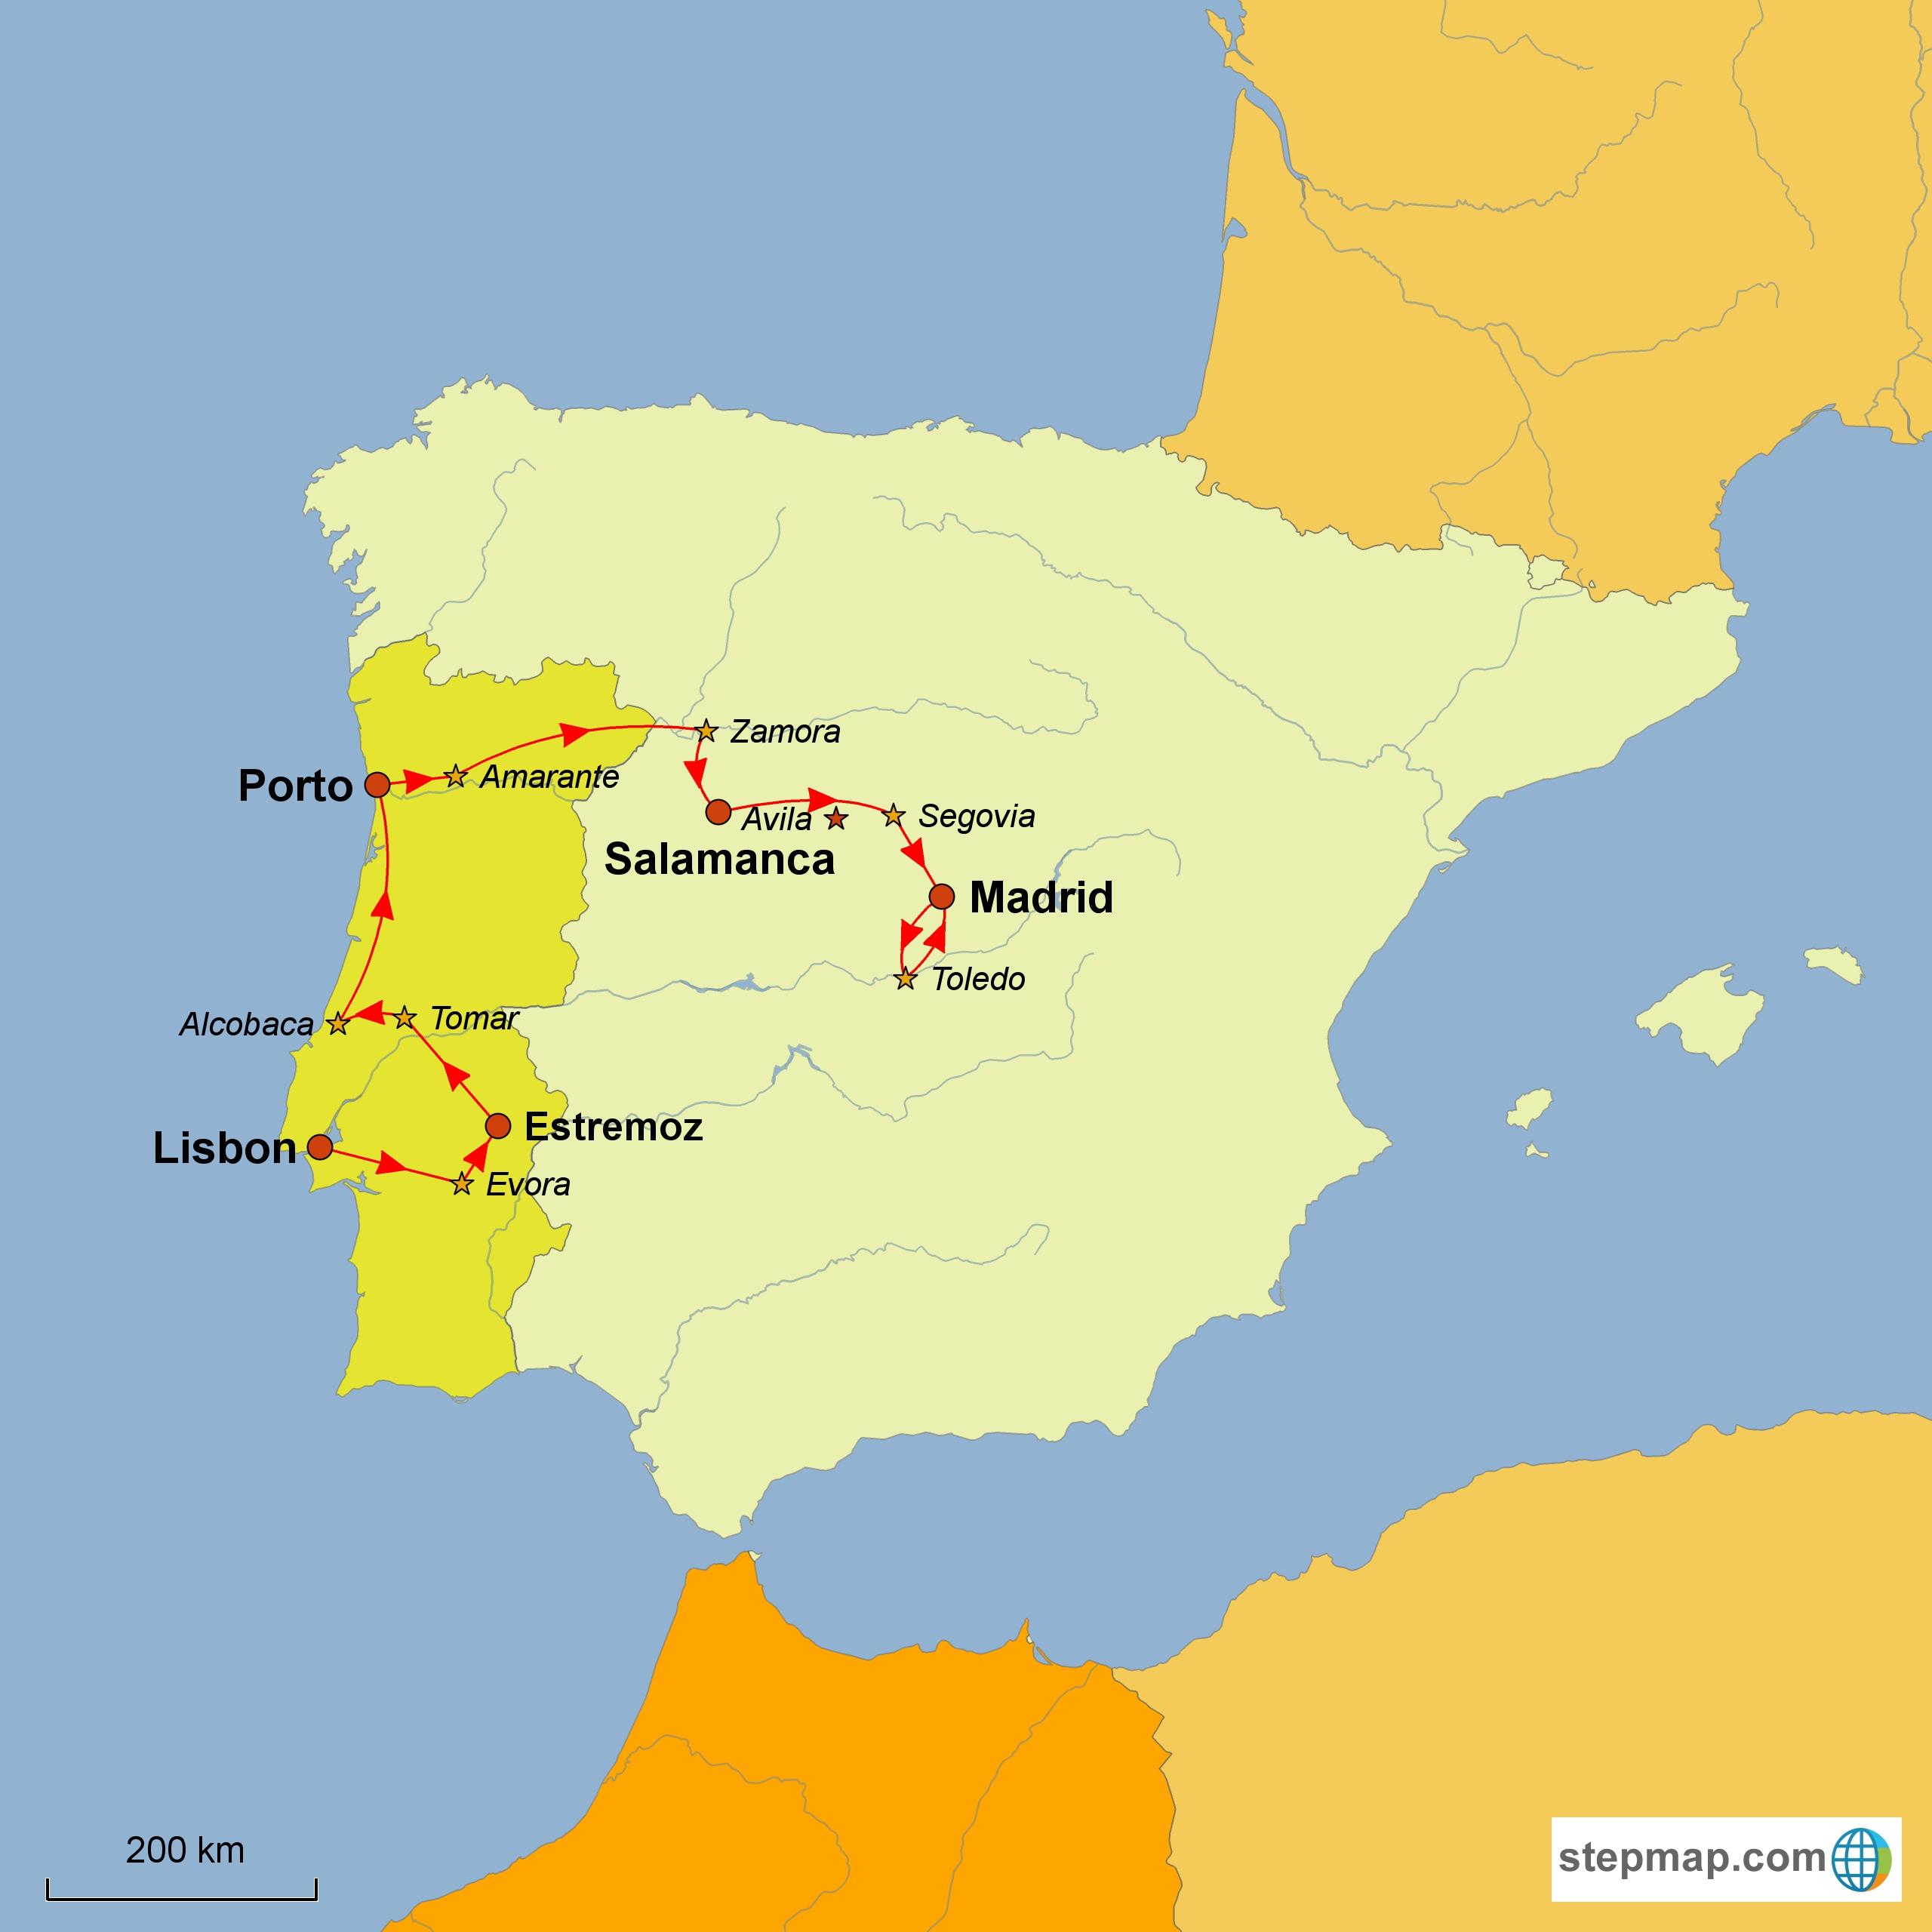 Stepmap Karte Con Brio 2016 Lisbon To Madrid 1475687 Con Brio